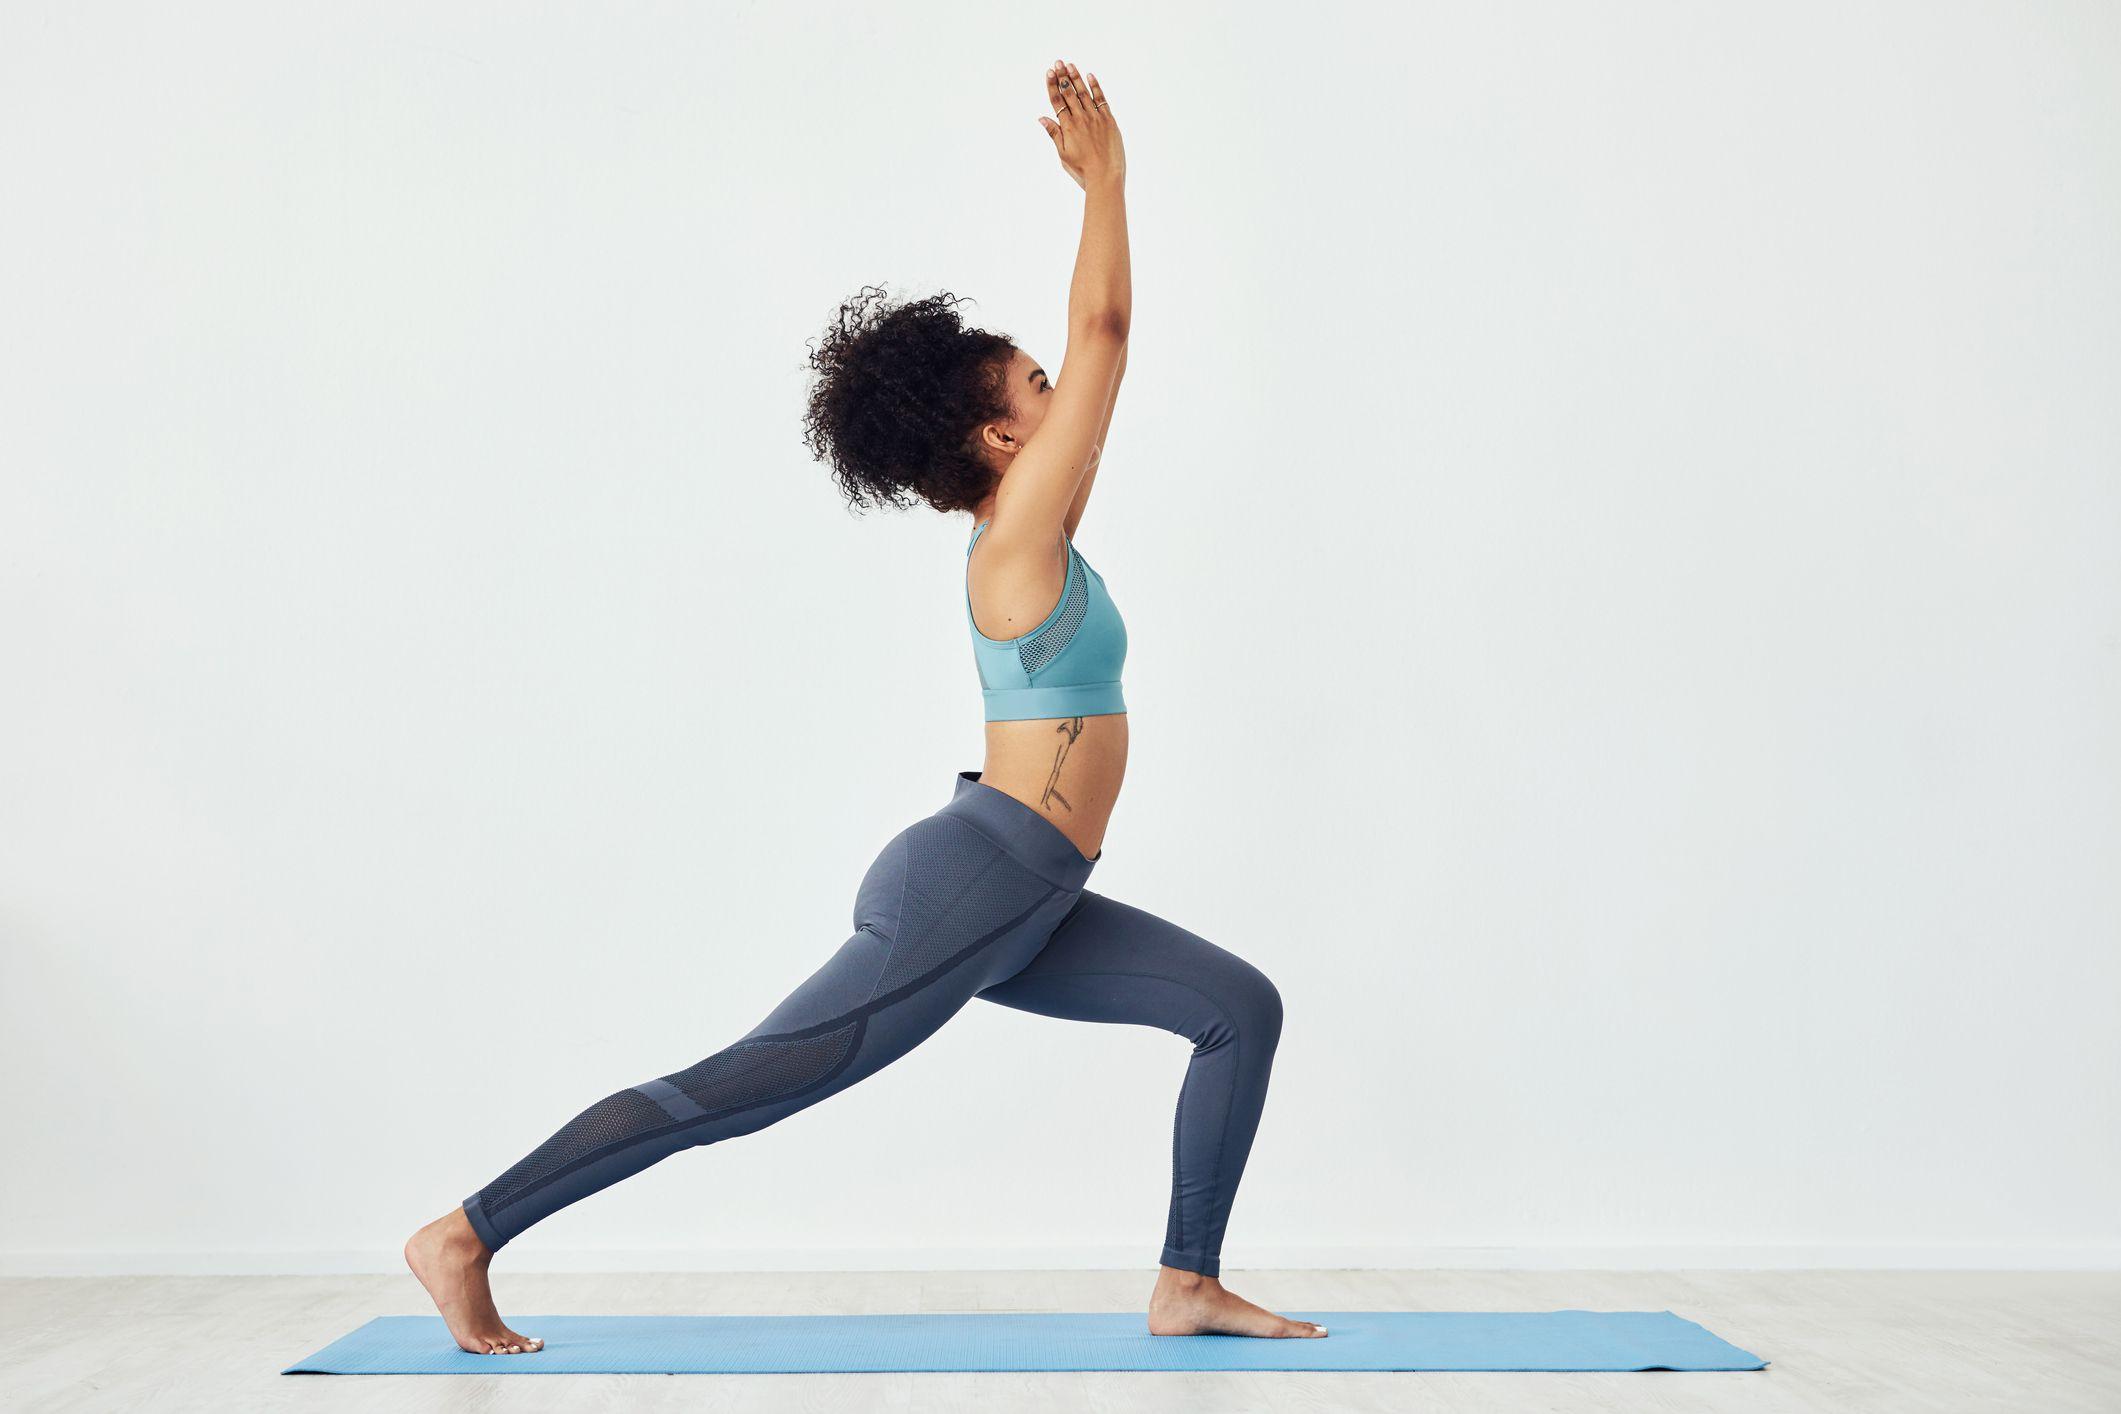 Tập yoga tư thế chiến binh 1